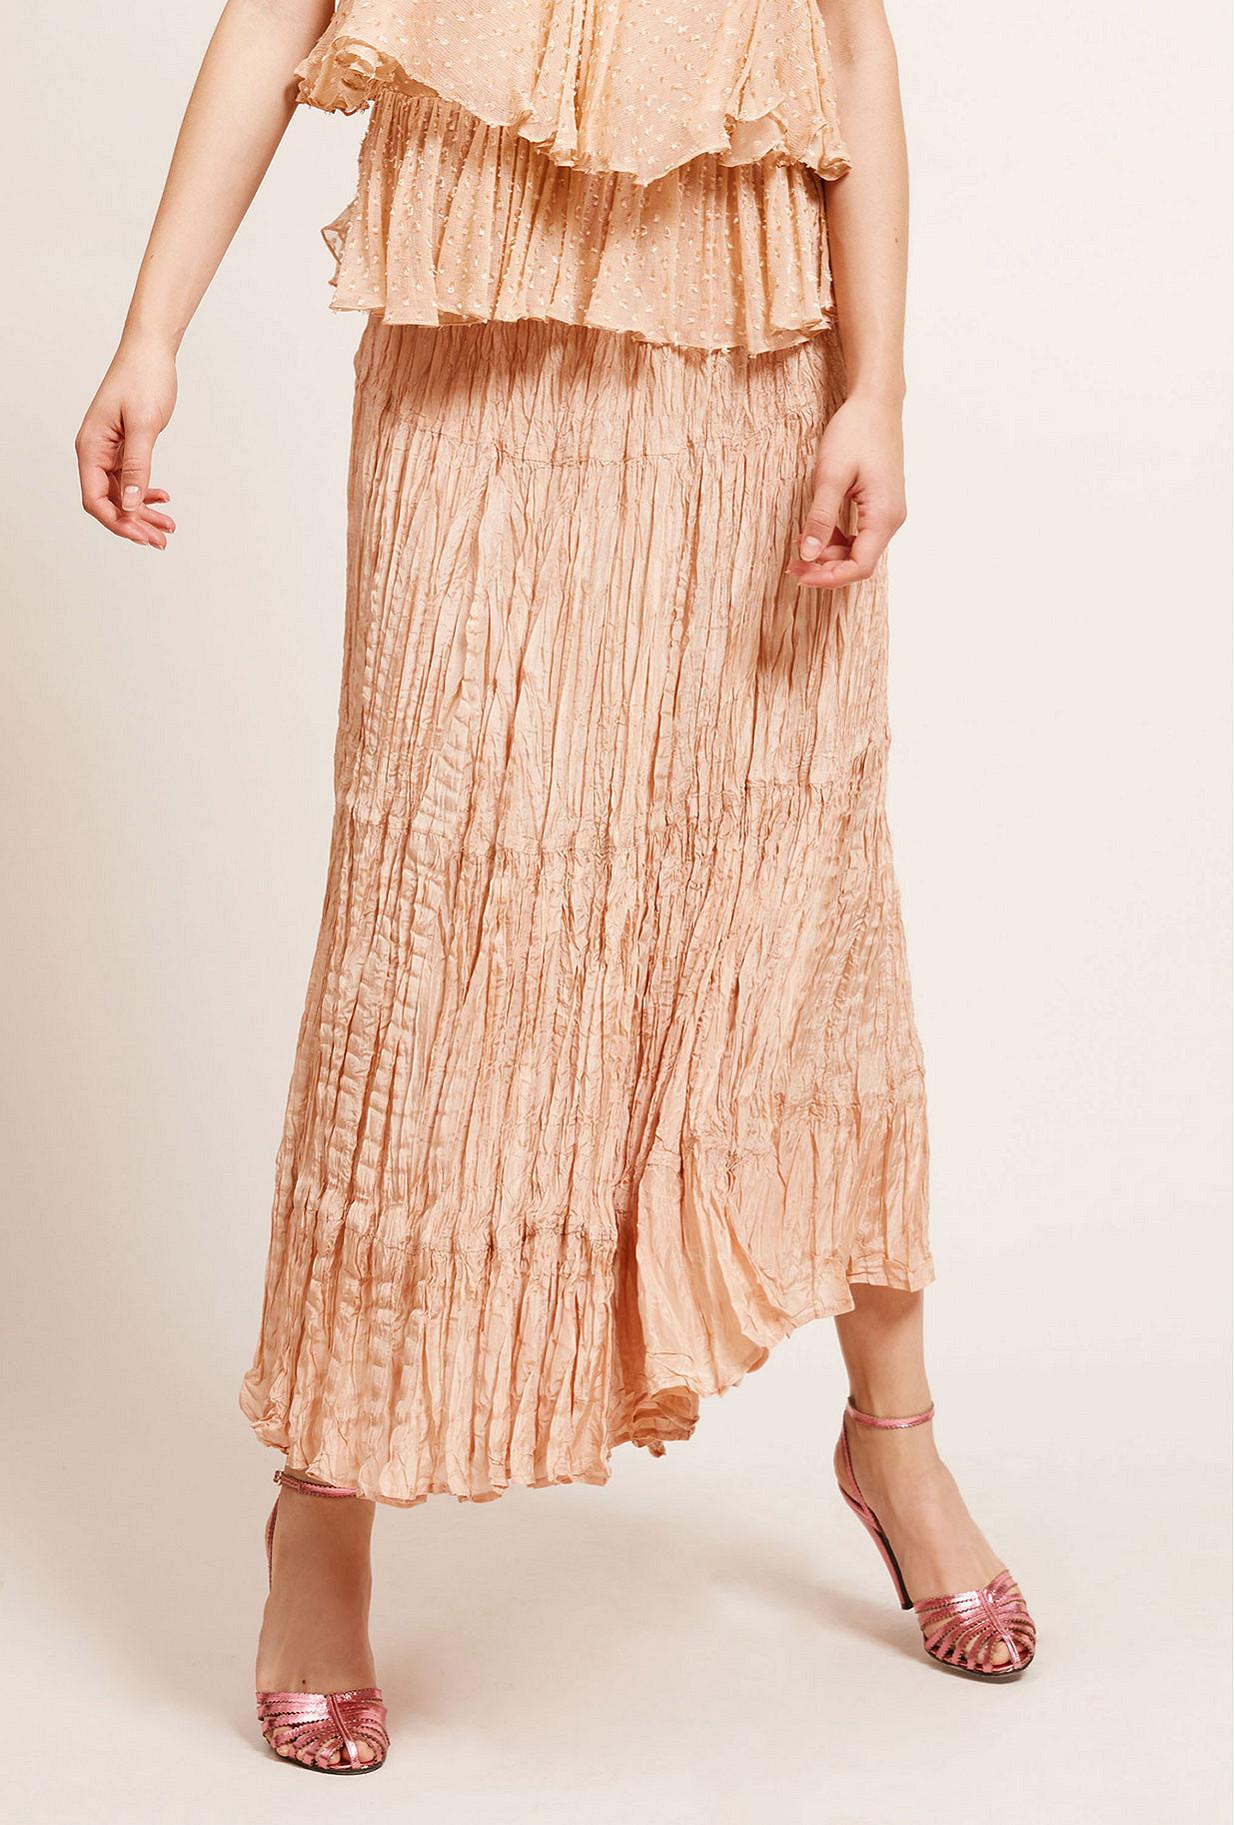 Paris boutique de mode vêtement Jupe créateur bohème  Shamadan